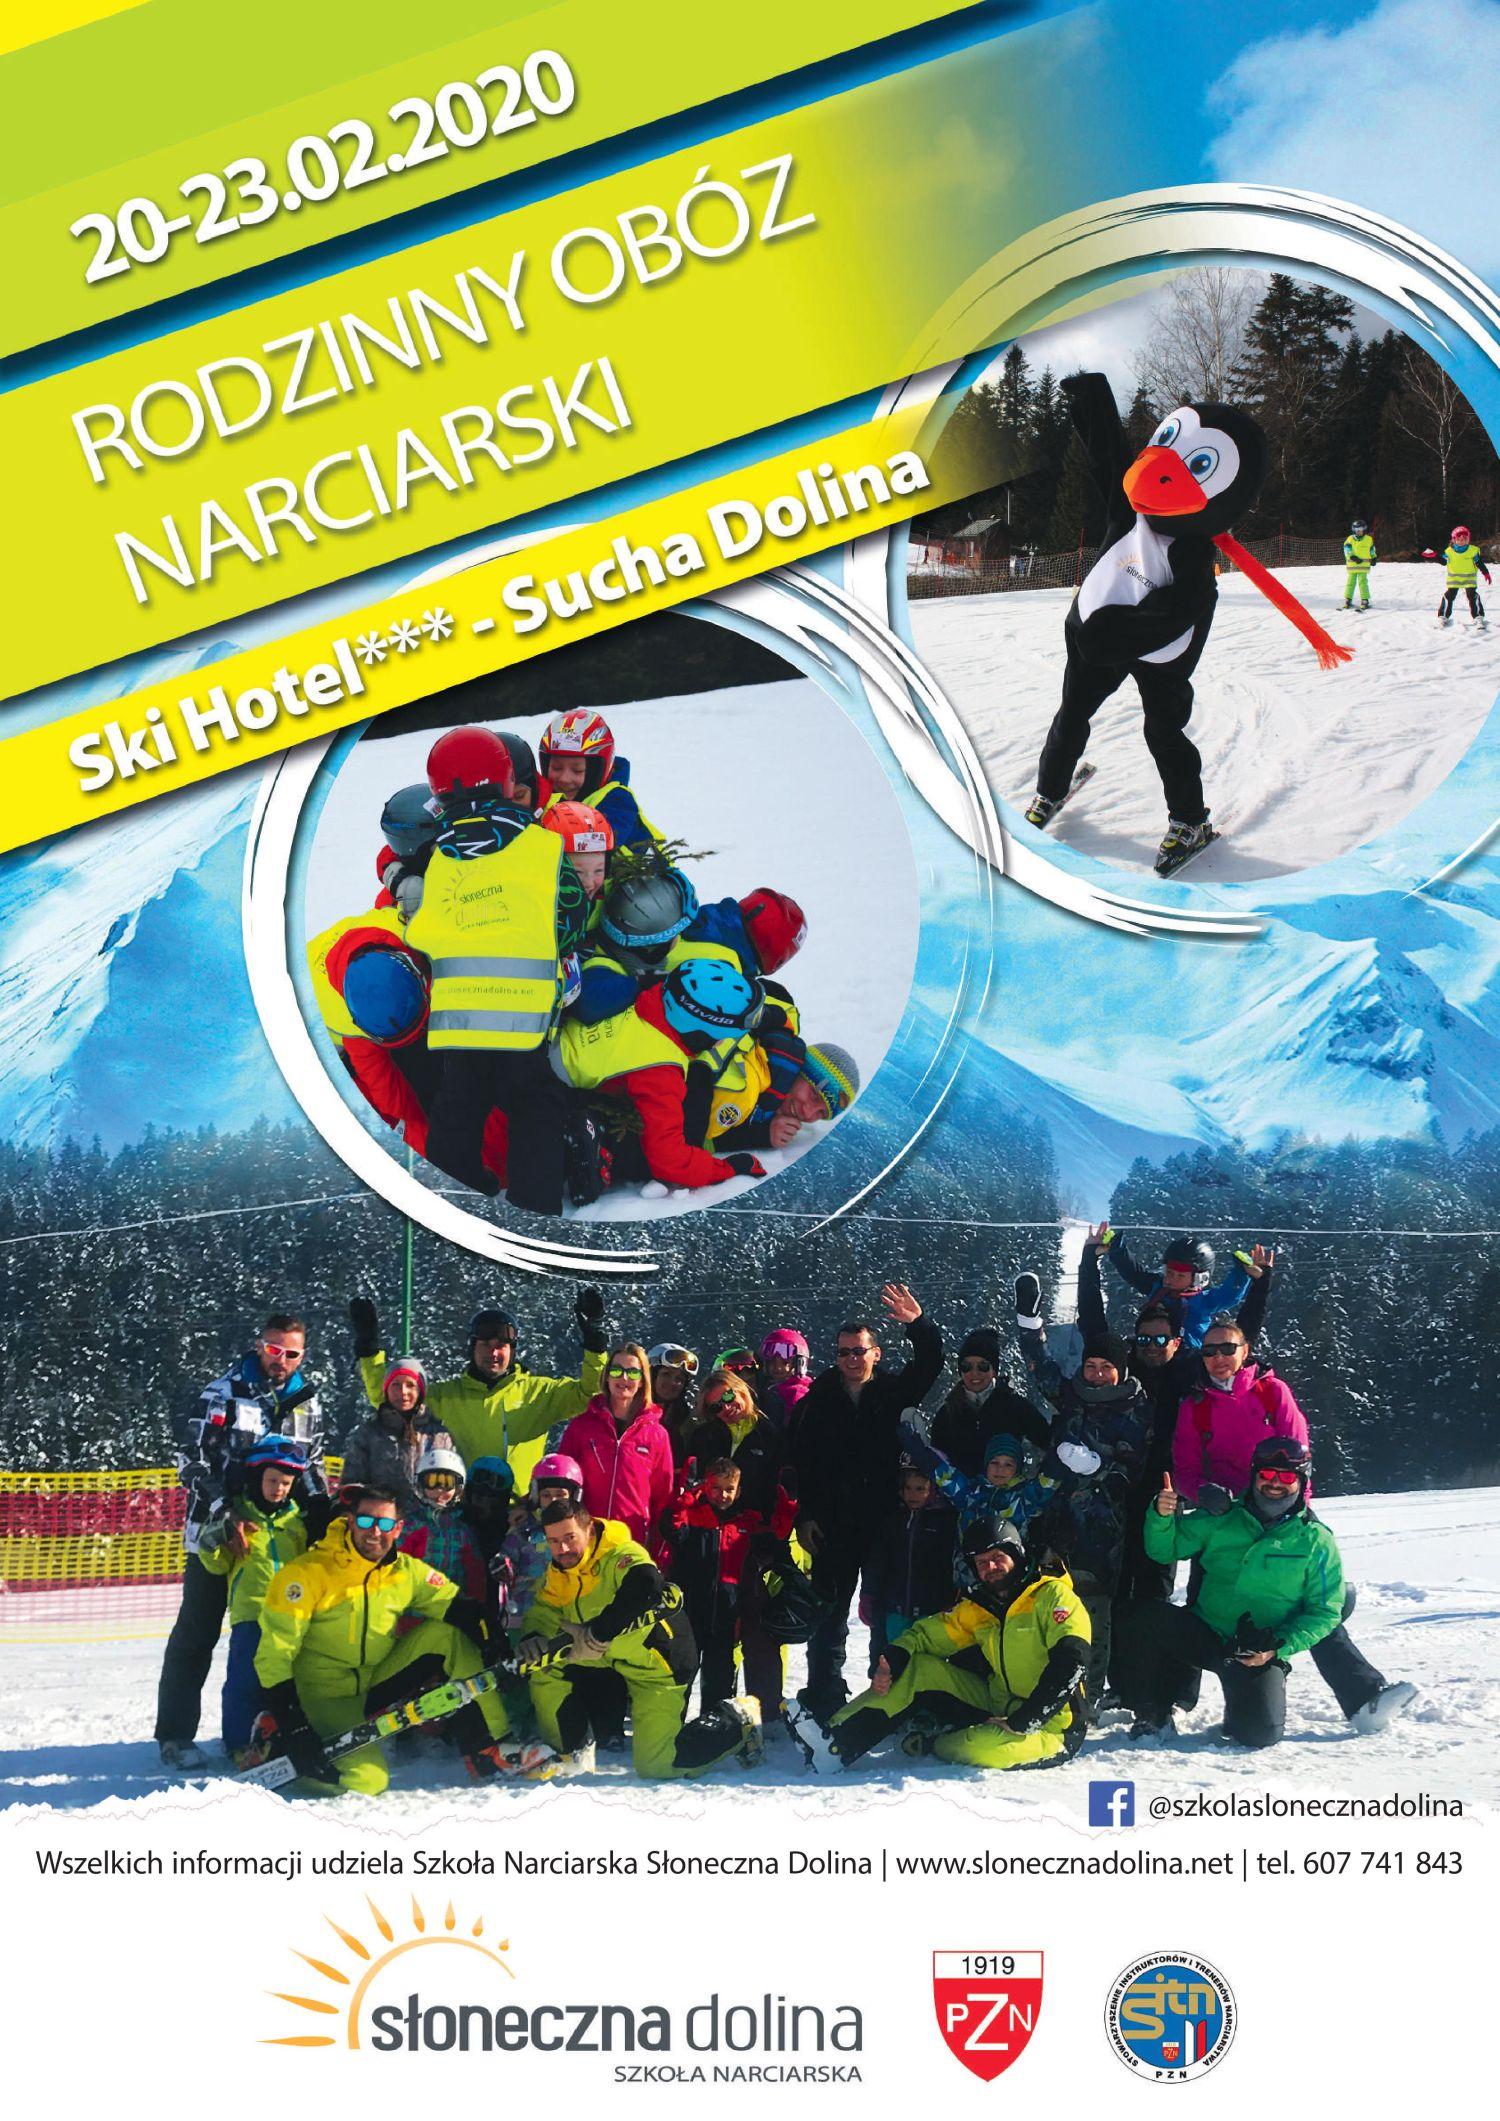 Rodzinny obóz narciarski - plakat